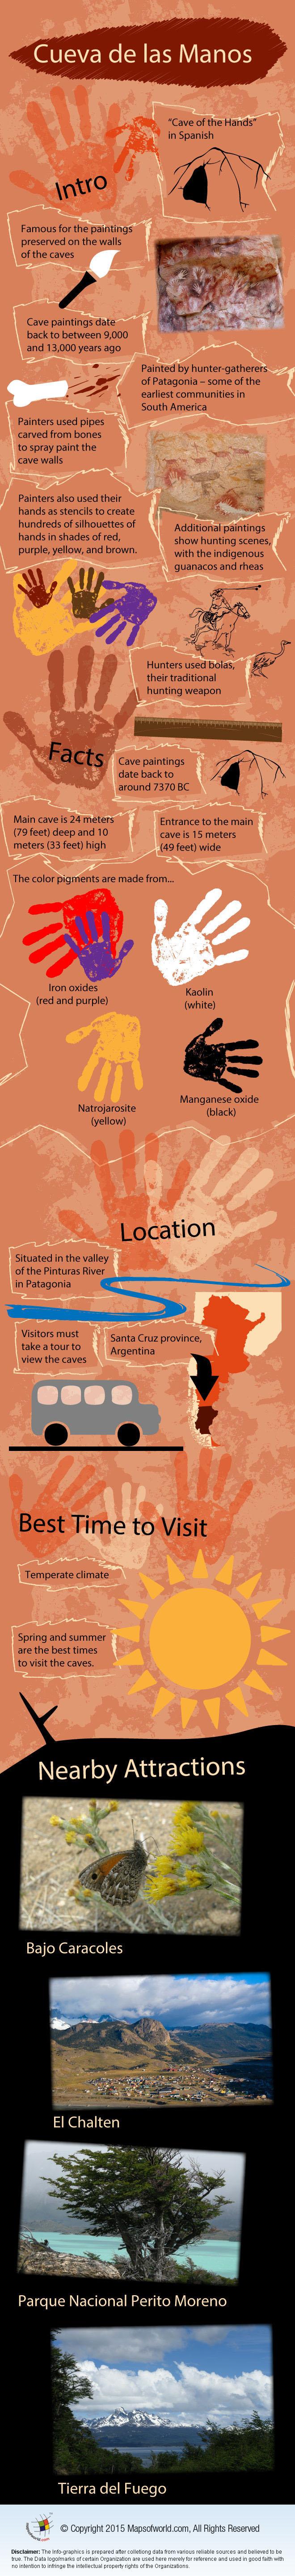 Cueva de las Manos Infographic